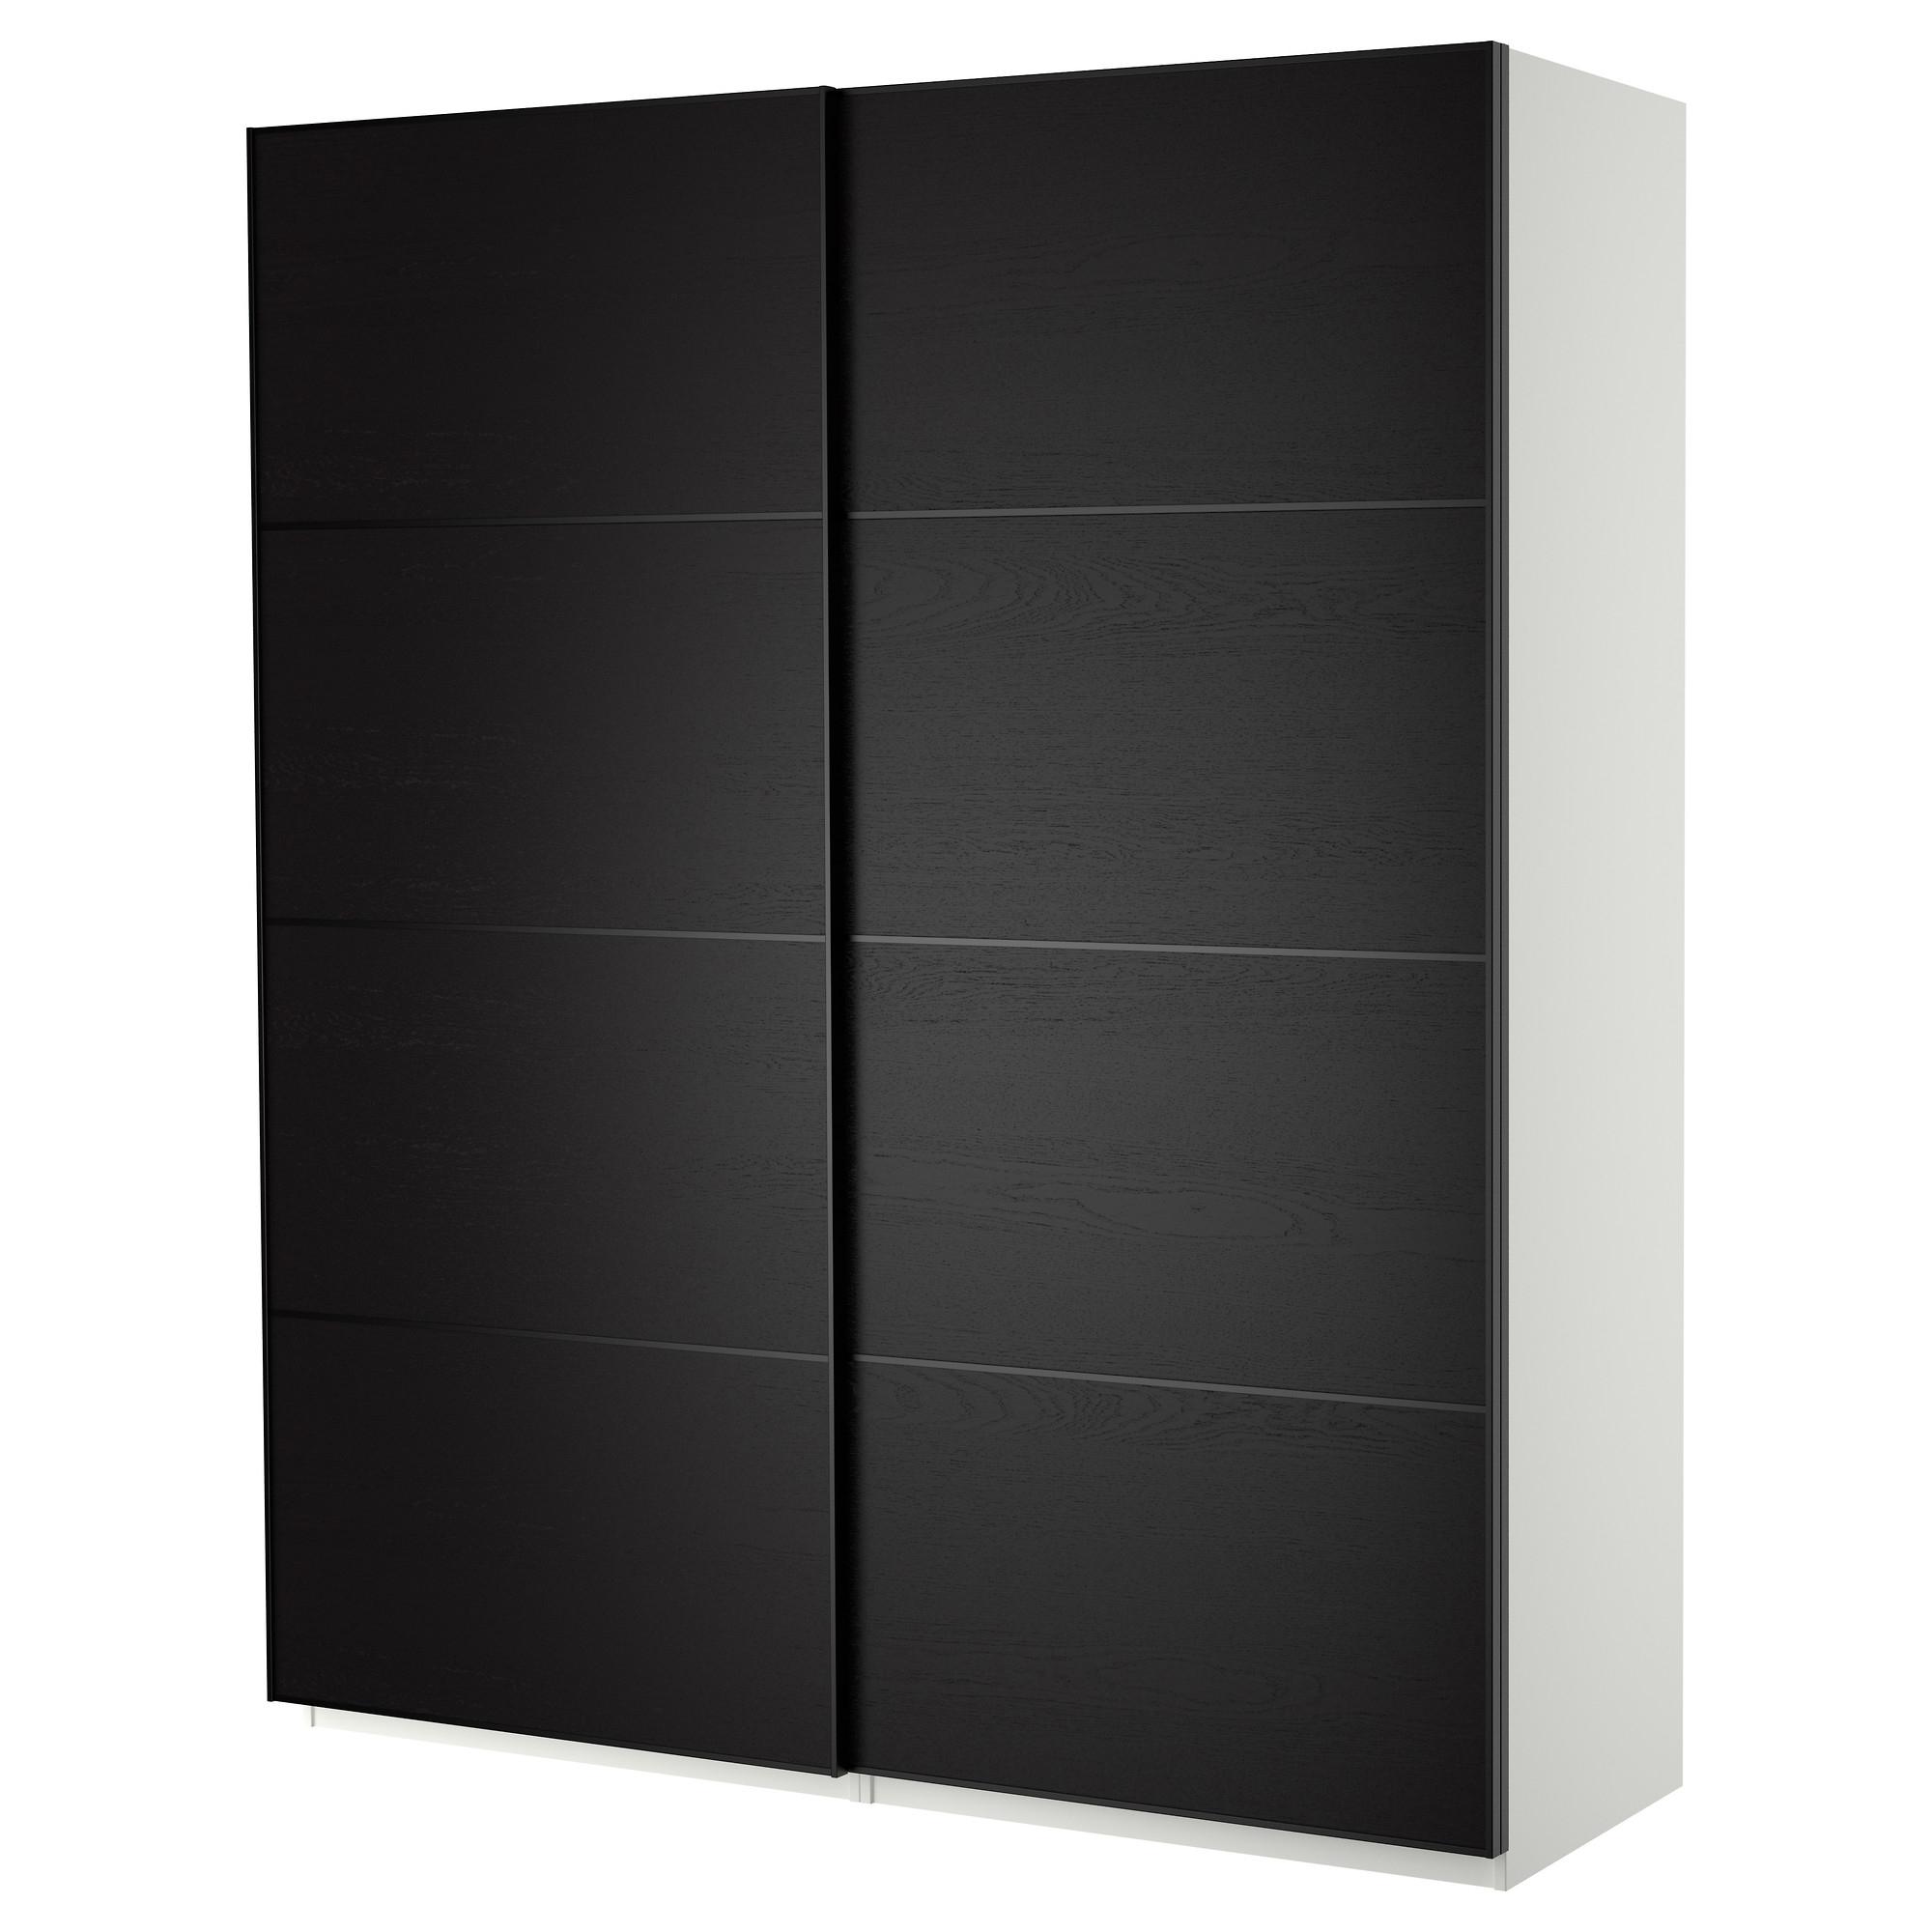 Armario Para Escritorio ~ Ikea Pax Puertas Correderas Beautiful Roperos De Puertas Correderas En Ikea La Serie De